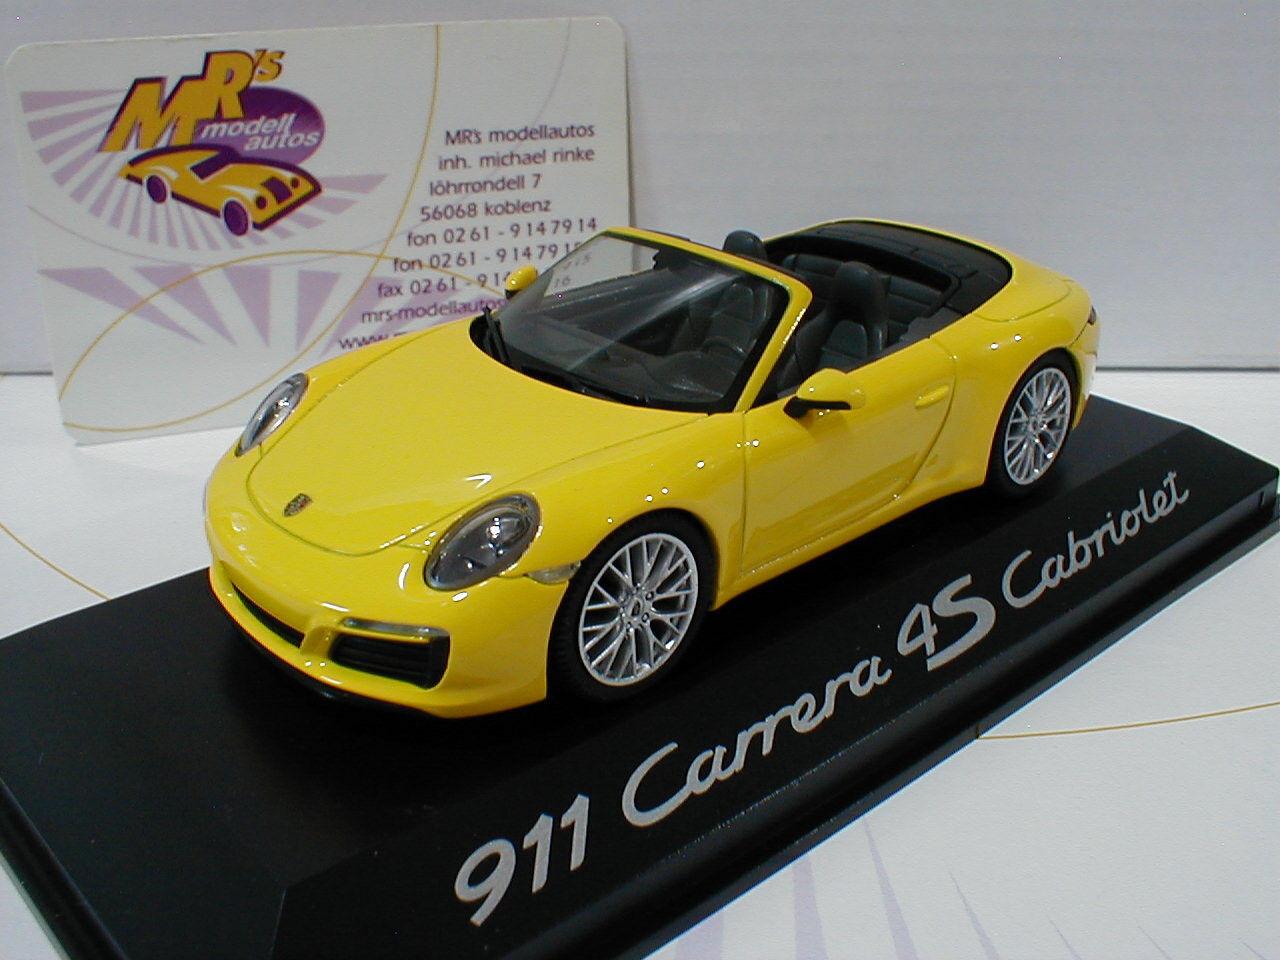 HERPA wap0201090g   porsche 911 Carrera 4s Cabriolet Année Modèle 2016 dans  jaune  1 43